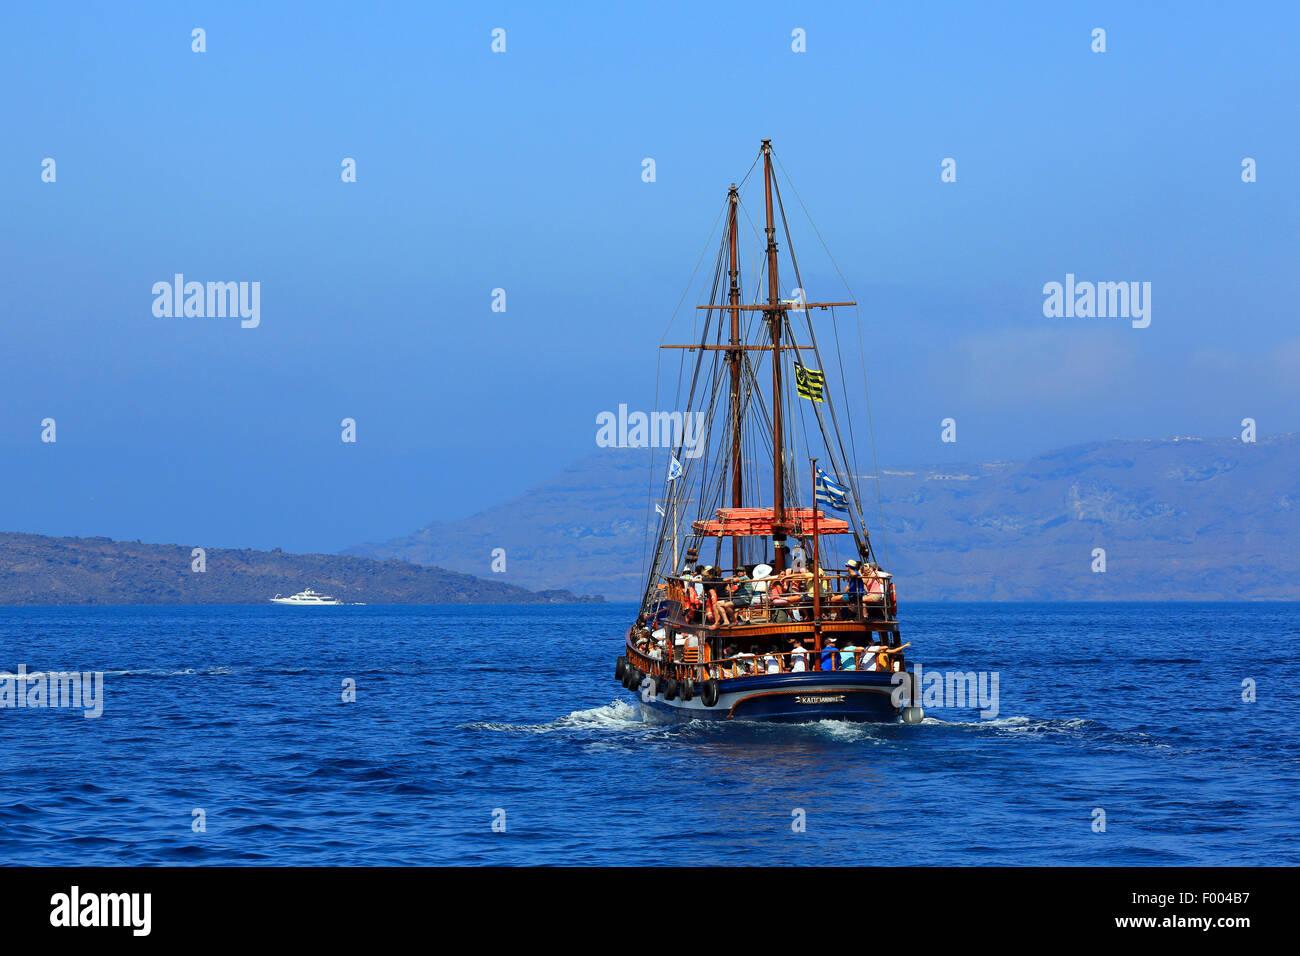 Ausflugsschiff, vulkanische Insel Nea Kameni, Griechenland, Kykladen, Santorin Stockbild